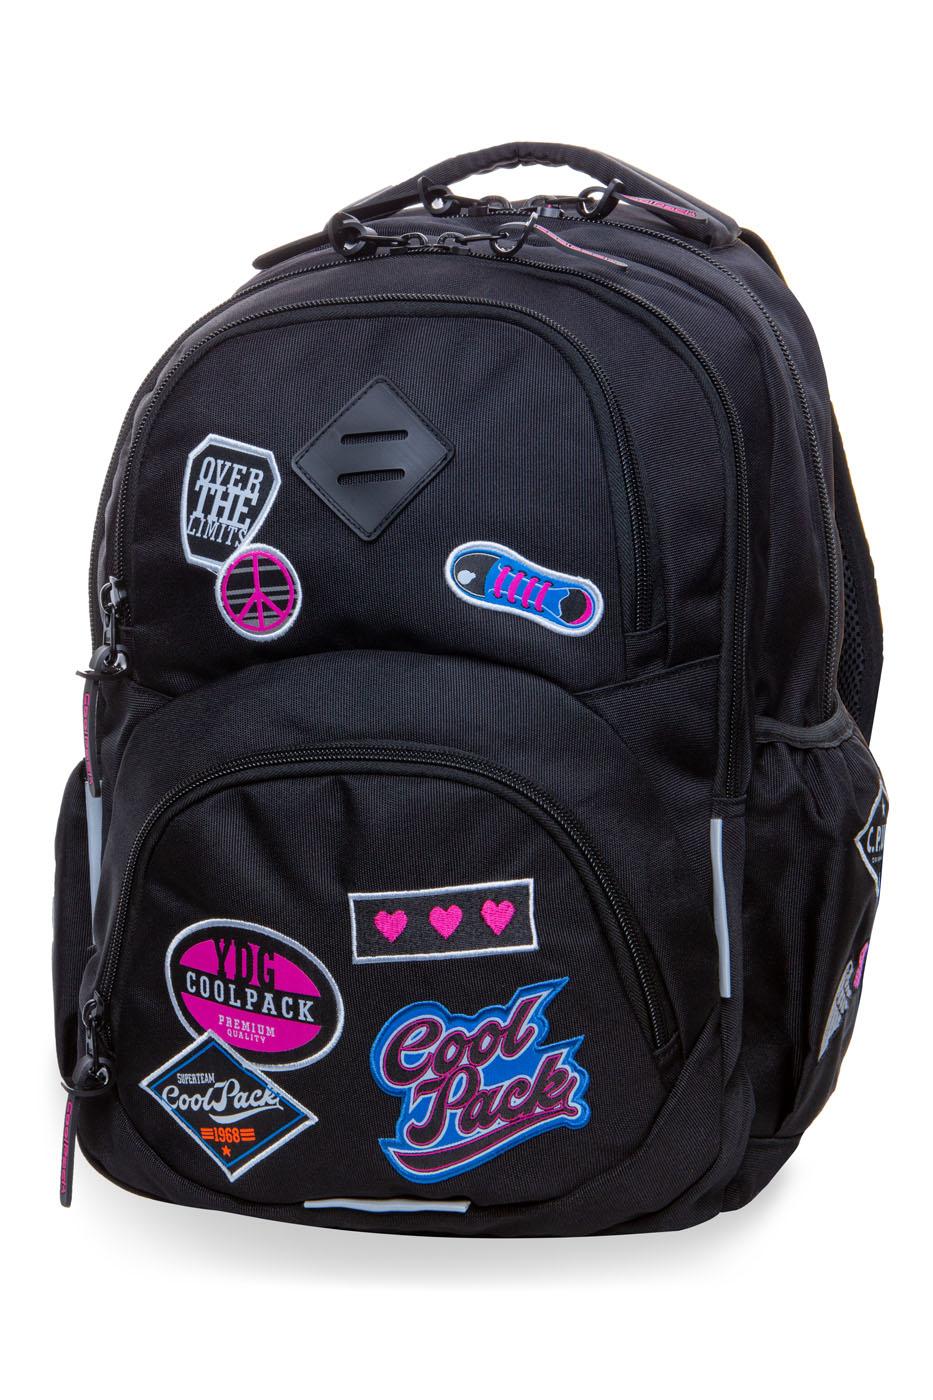 Coolpack   dart l  rygsæk   black